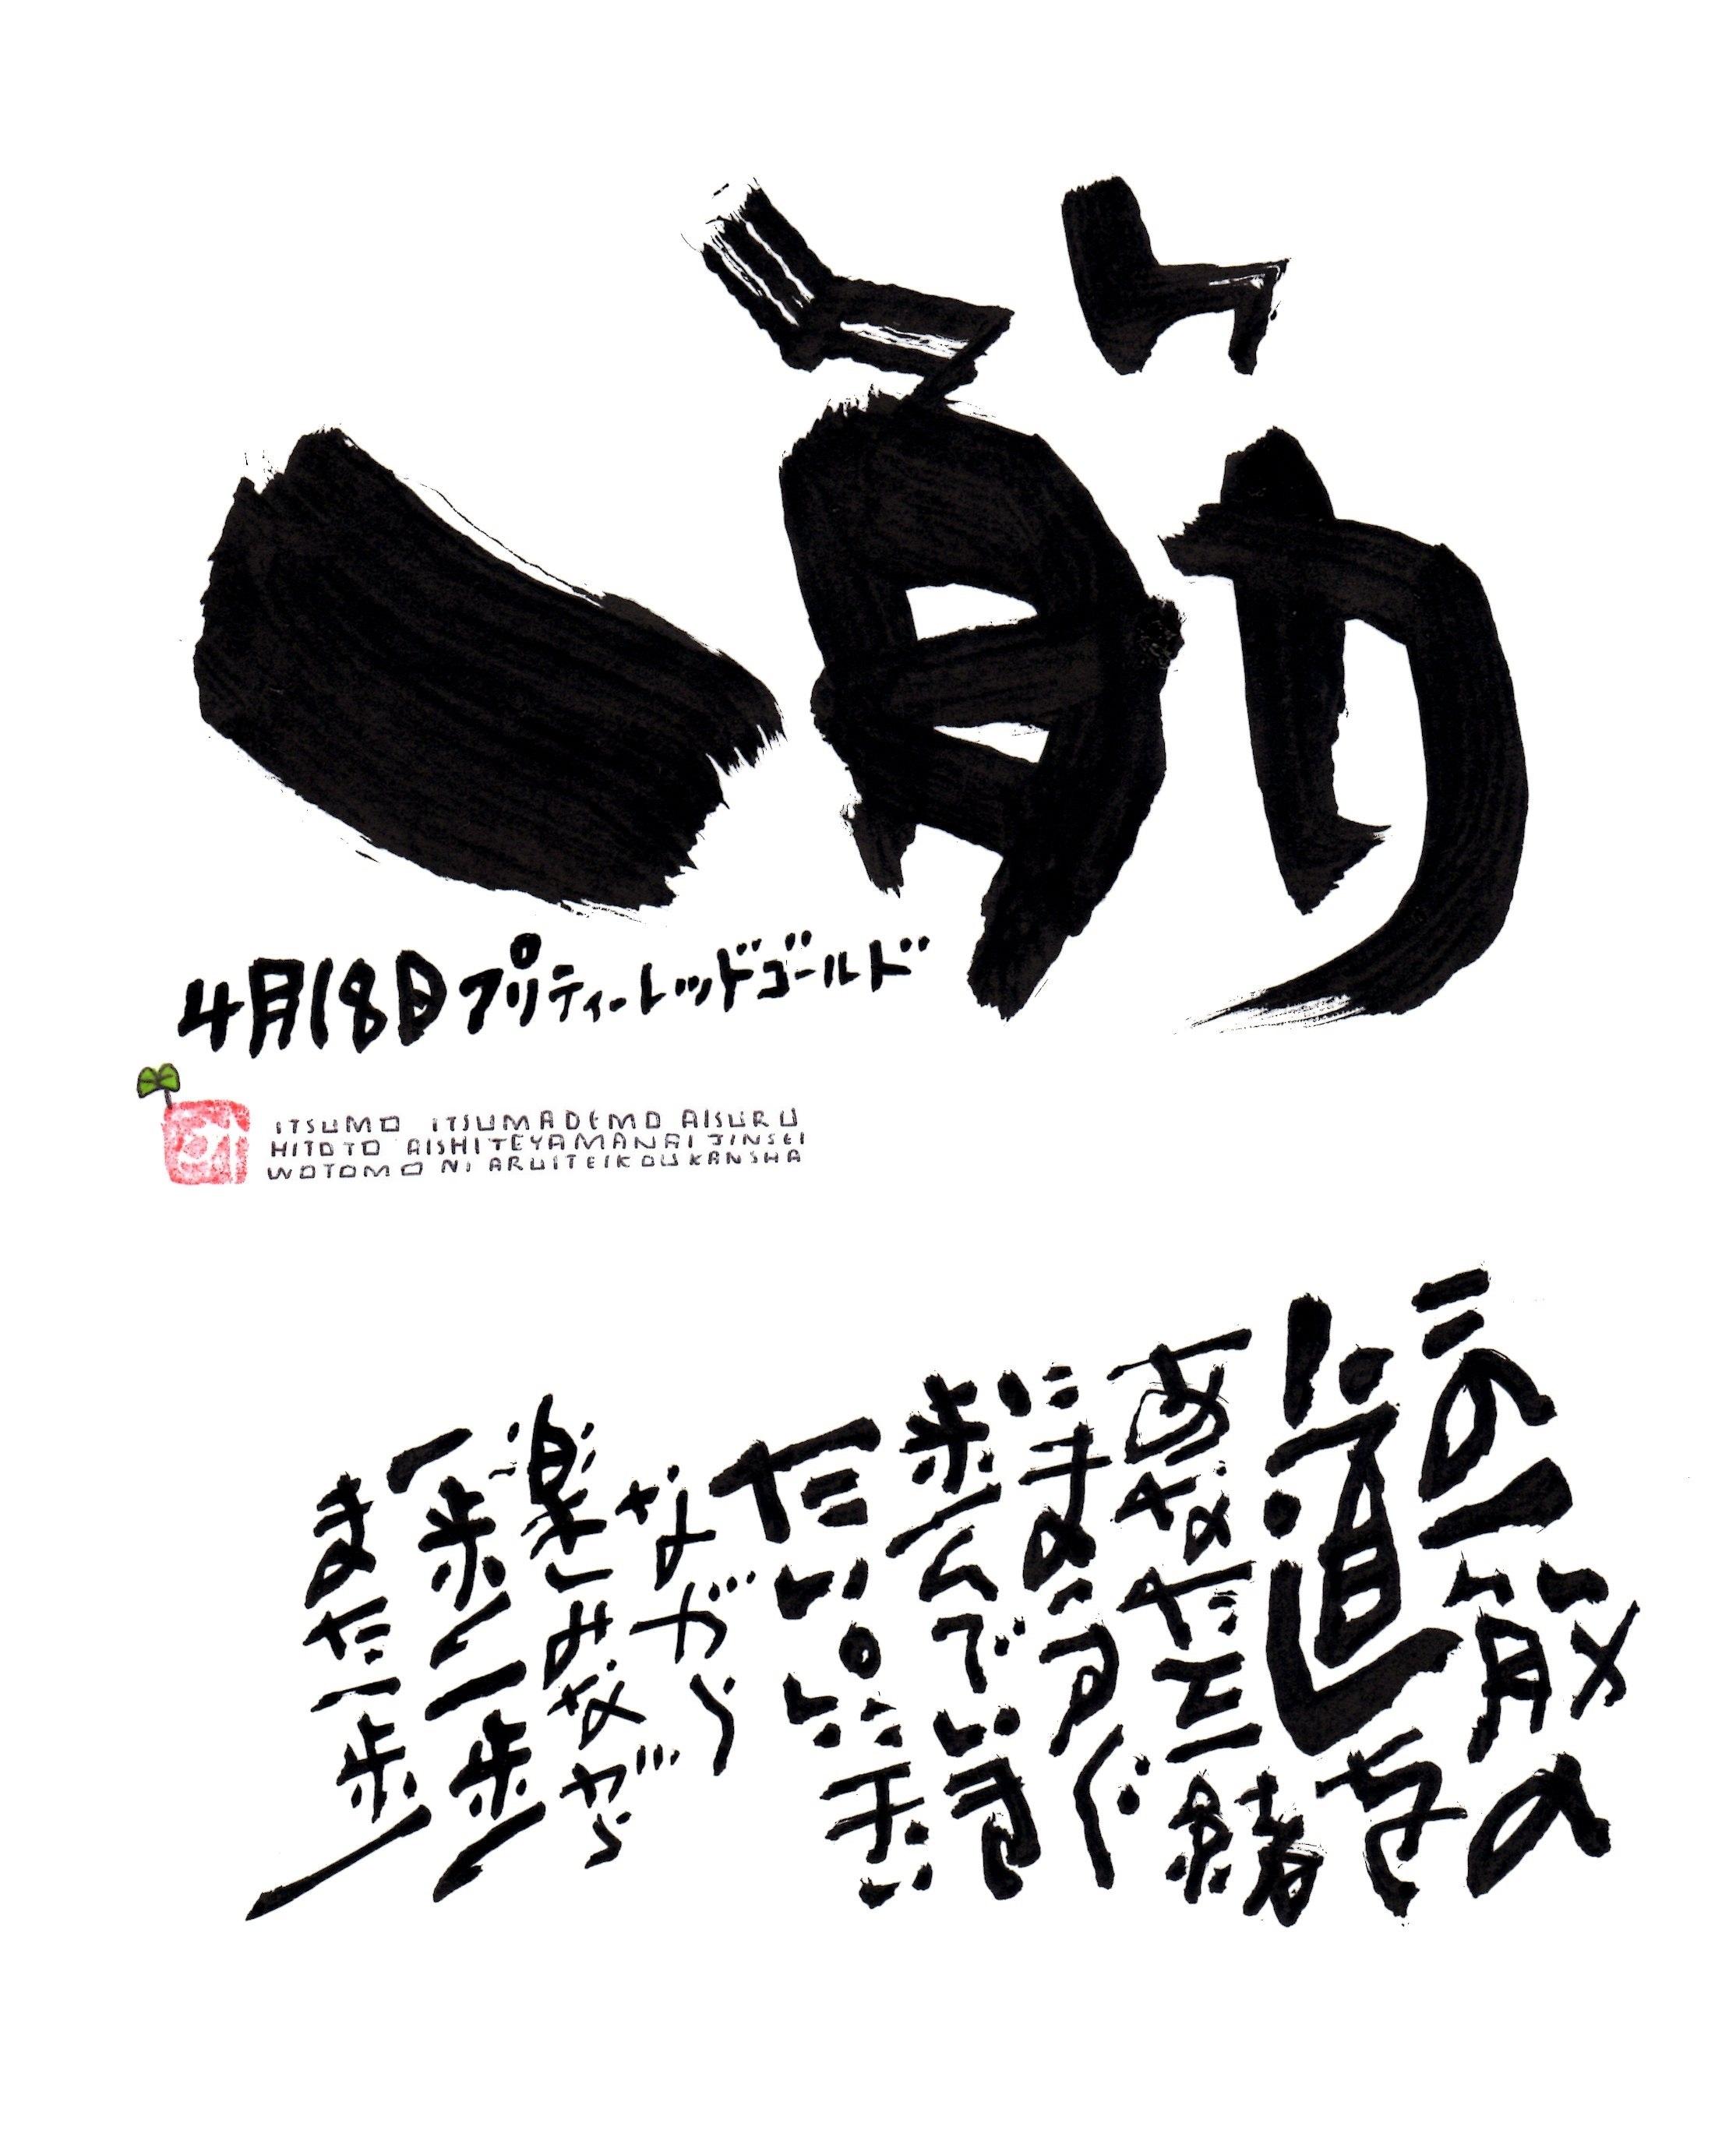 4月18日 結婚記念日ポストカード【一筋】